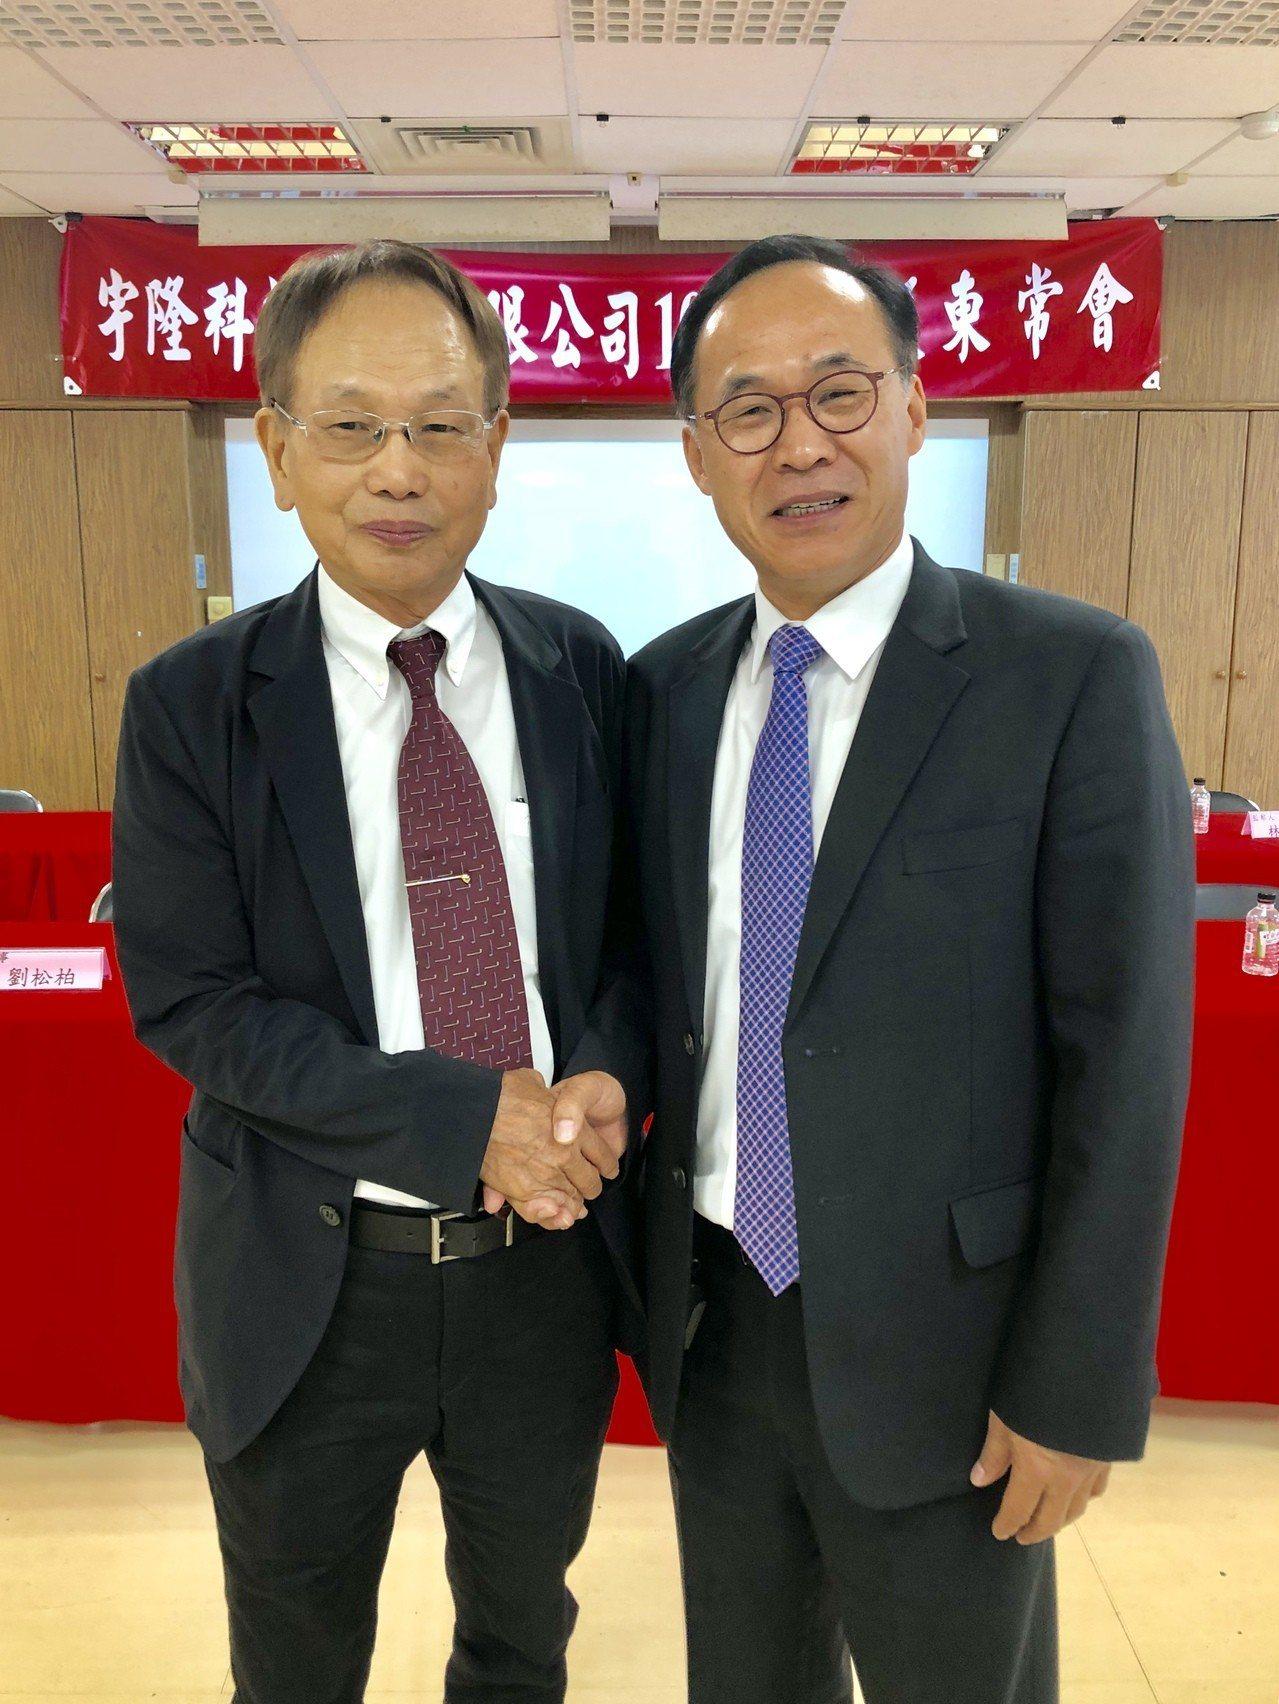 宇隆董事長劉俊昌(右)與程泰董事長楊德華(左)宣布結盟加強合作,共創雙贏。記者宋...